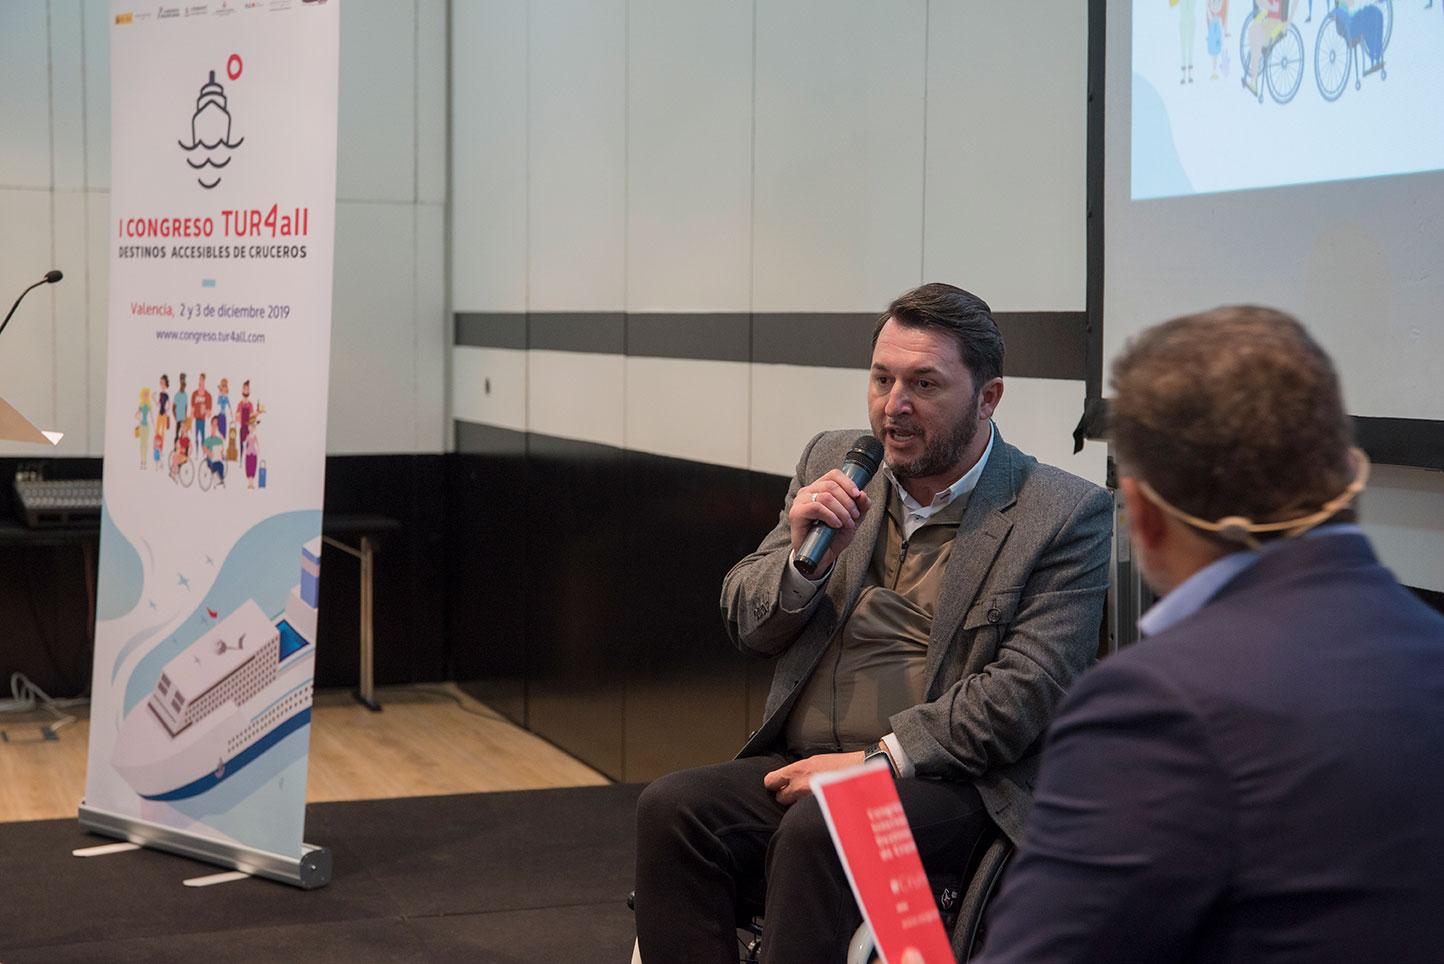 Fernando-Valmaseda-y-Francisco-Sardon-Presentacion-Congreso-Madrid-en-Noviembre